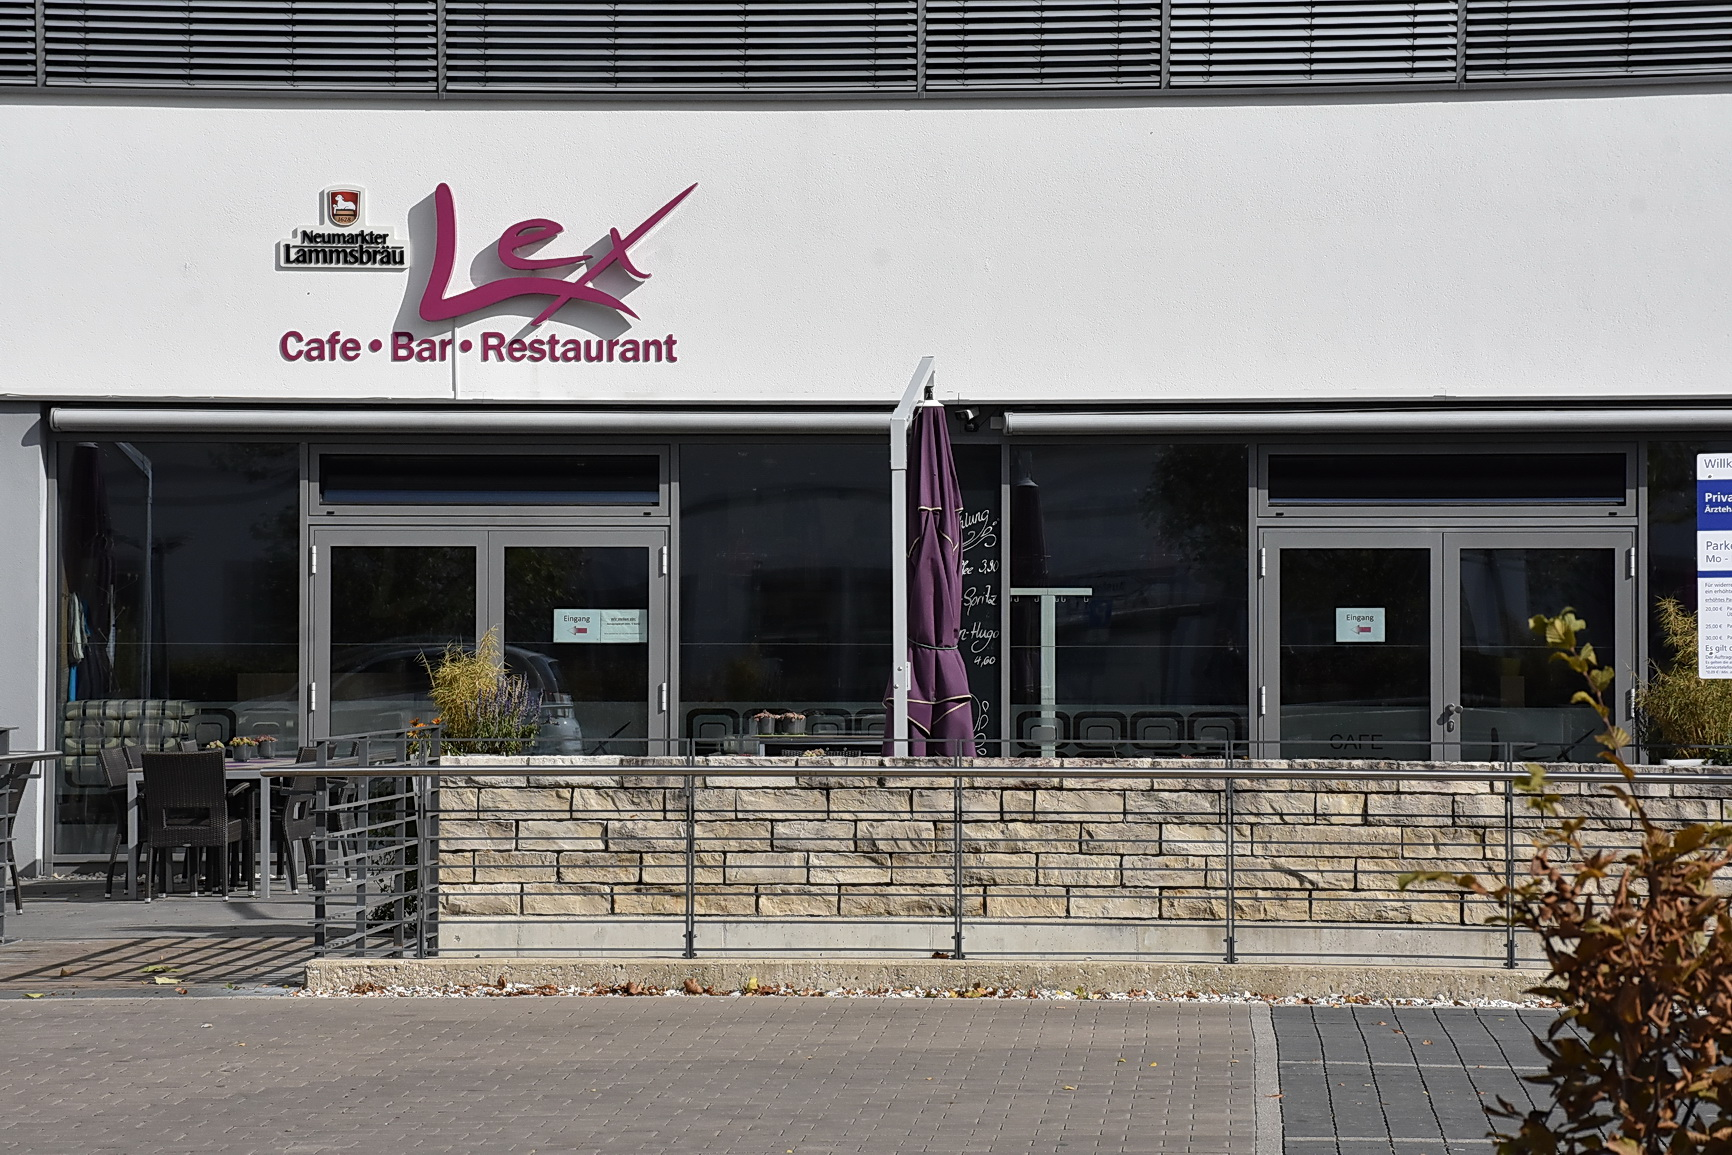 Lex Neumarkt